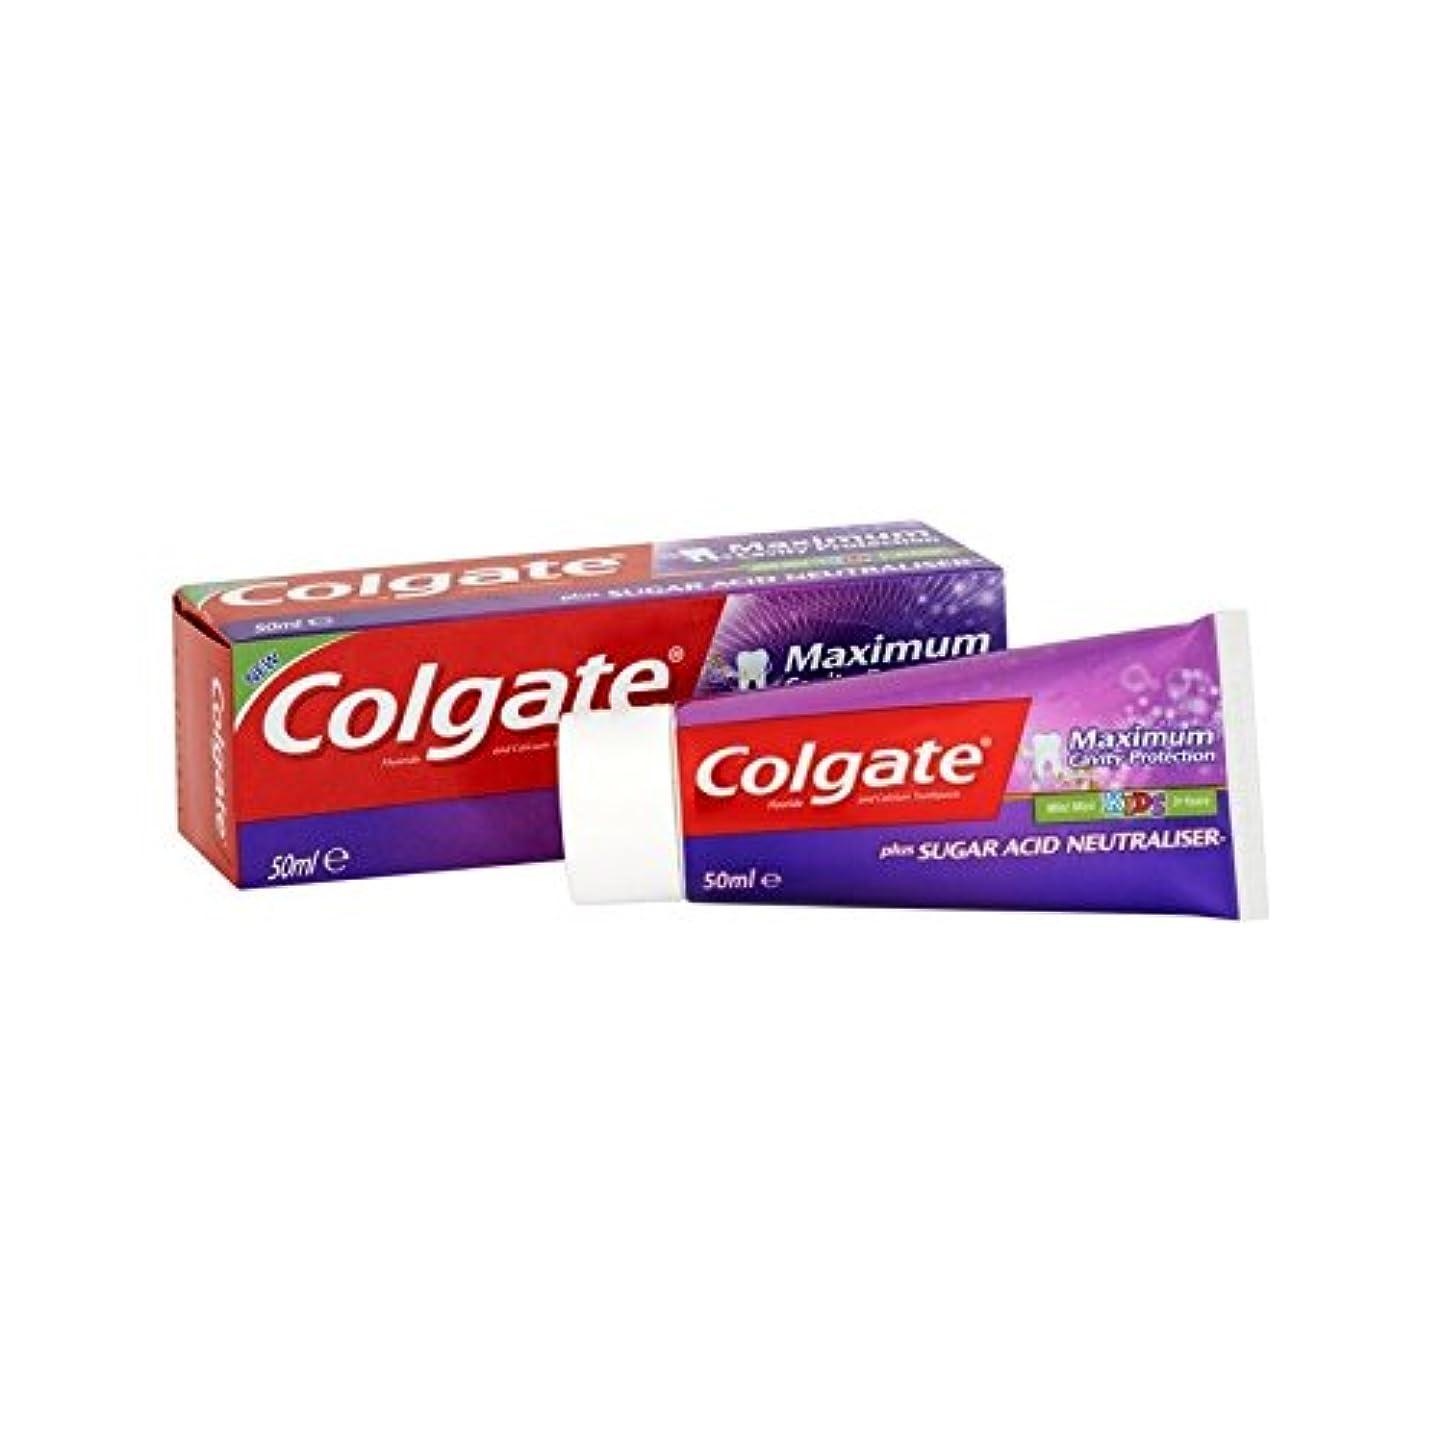 逸脱派生するロデオ最大空洞の子供の50ミリリットルを保護 (Colgate) (x 4) - Colgate Maximum Cavity Protect Kids 50ml (Pack of 4) [並行輸入品]